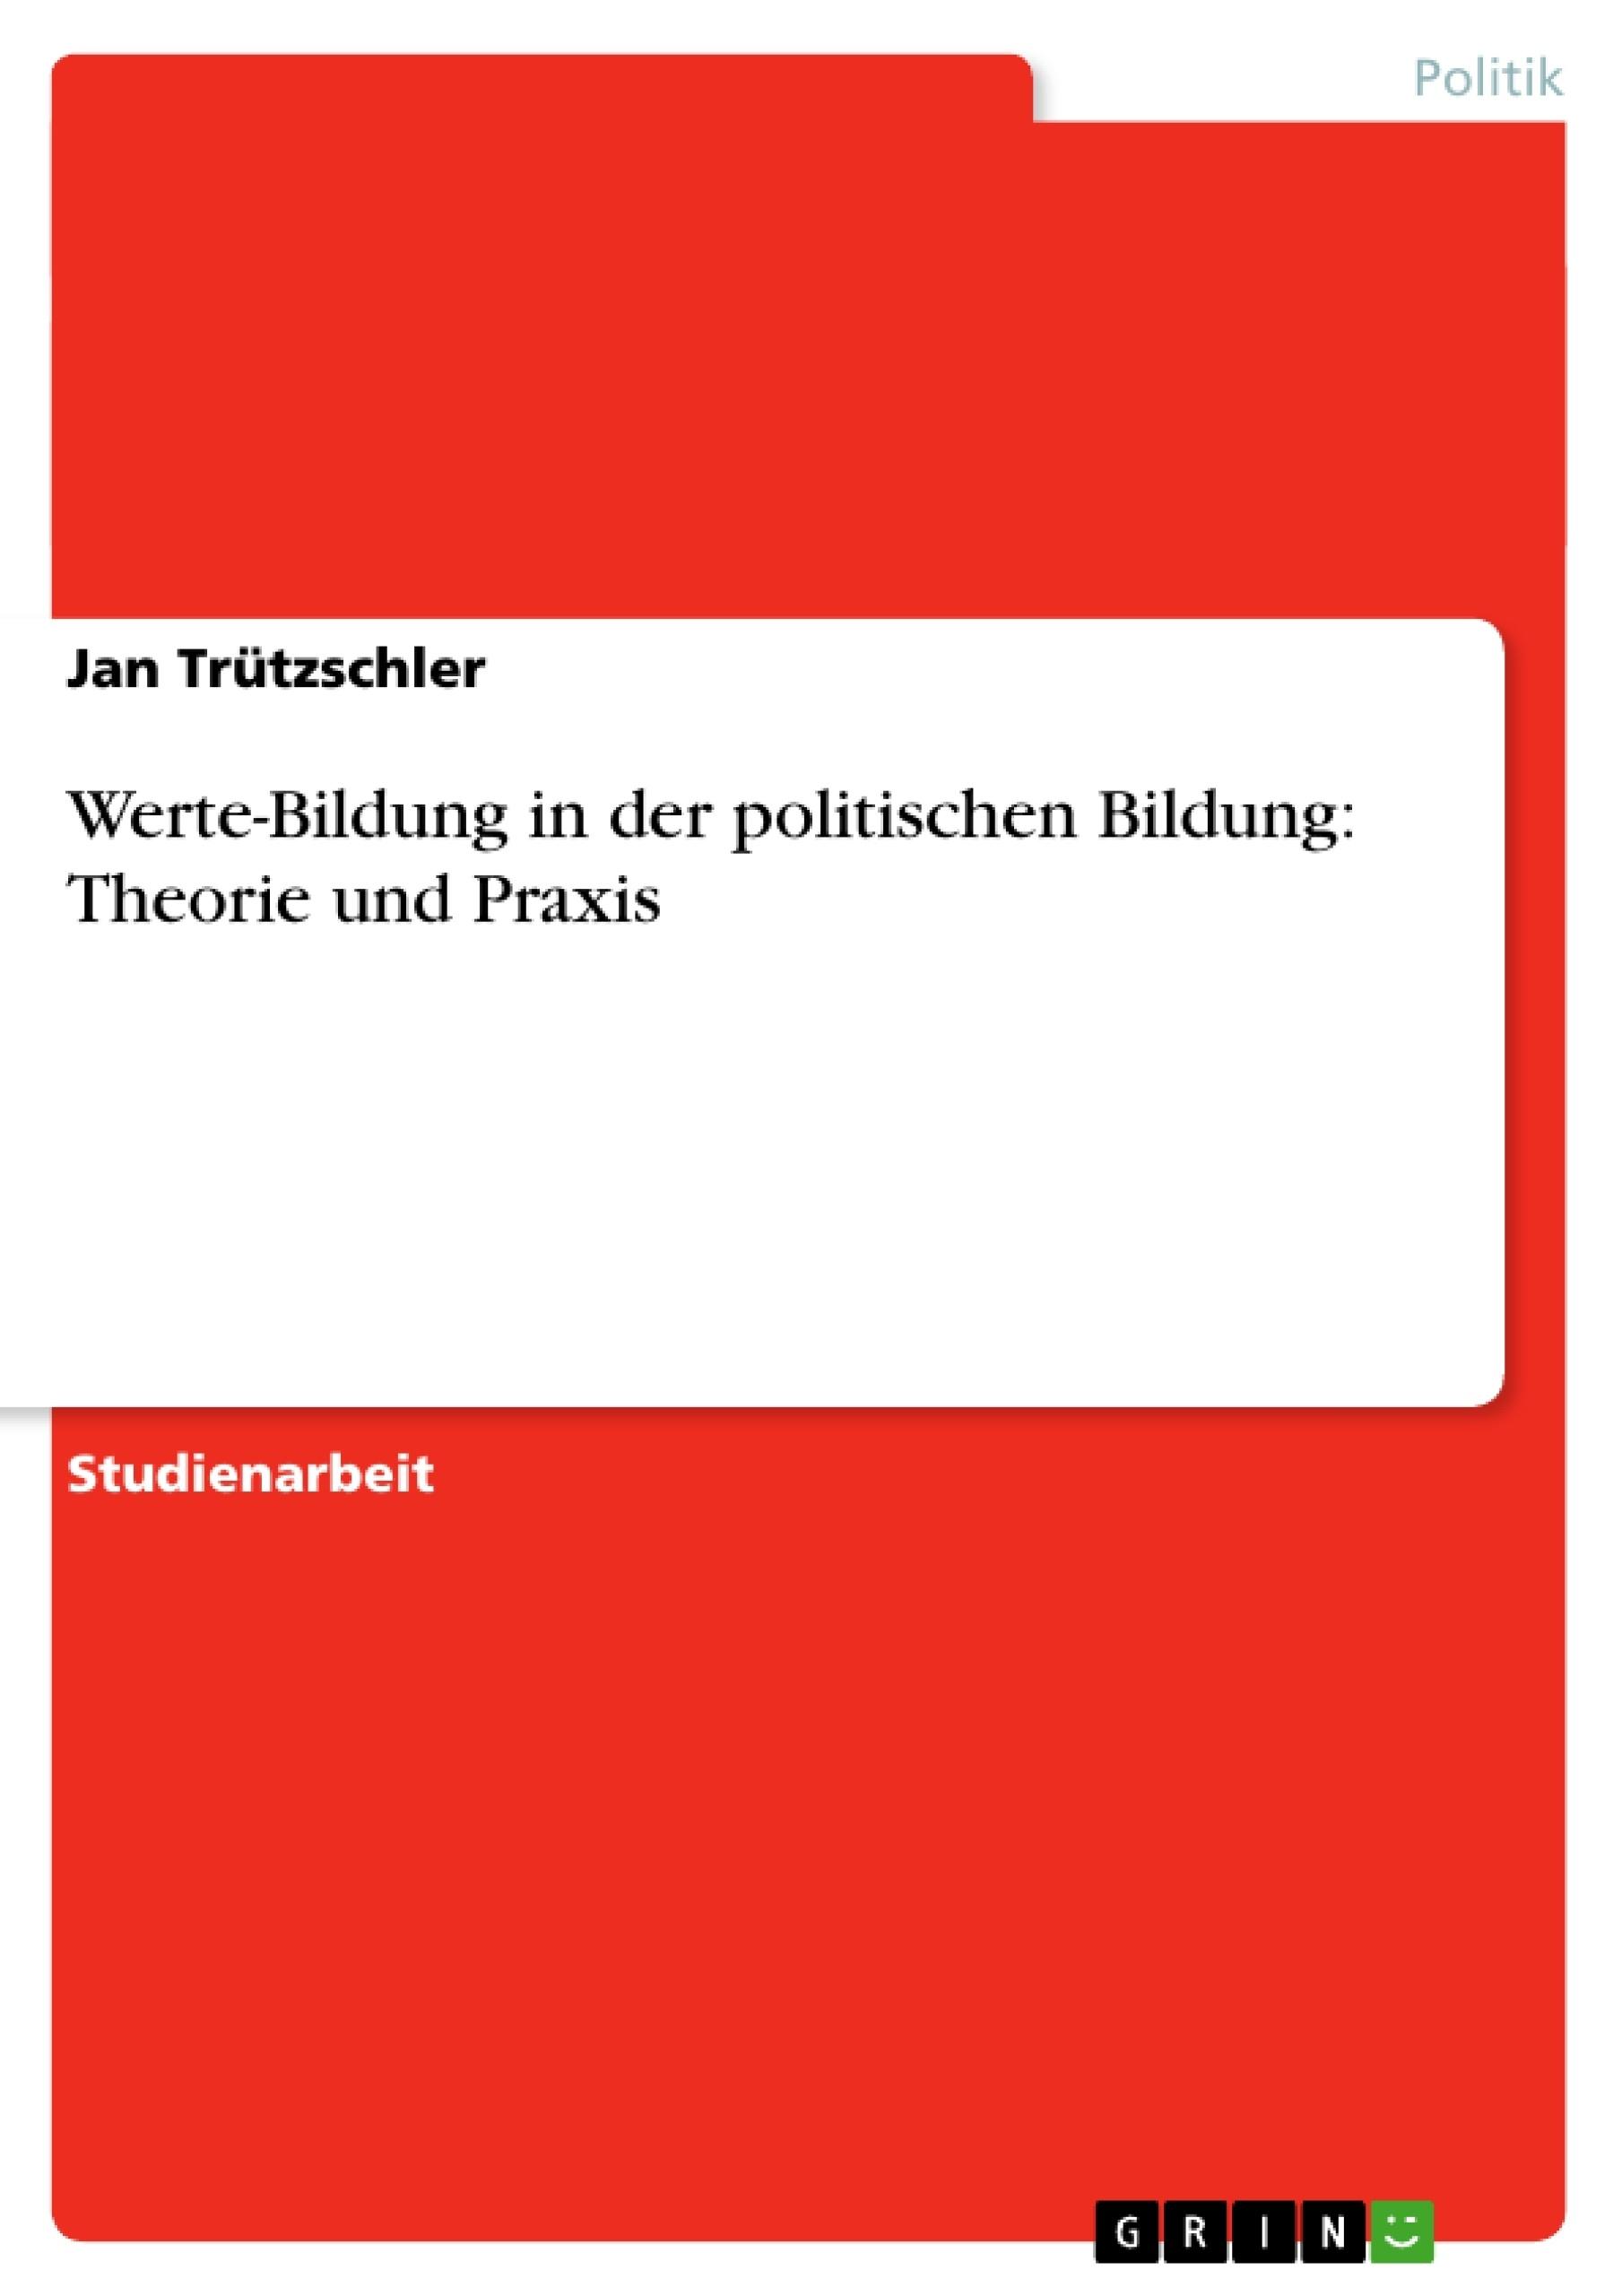 Titel: Werte-Bildung in der politischen Bildung: Theorie und Praxis